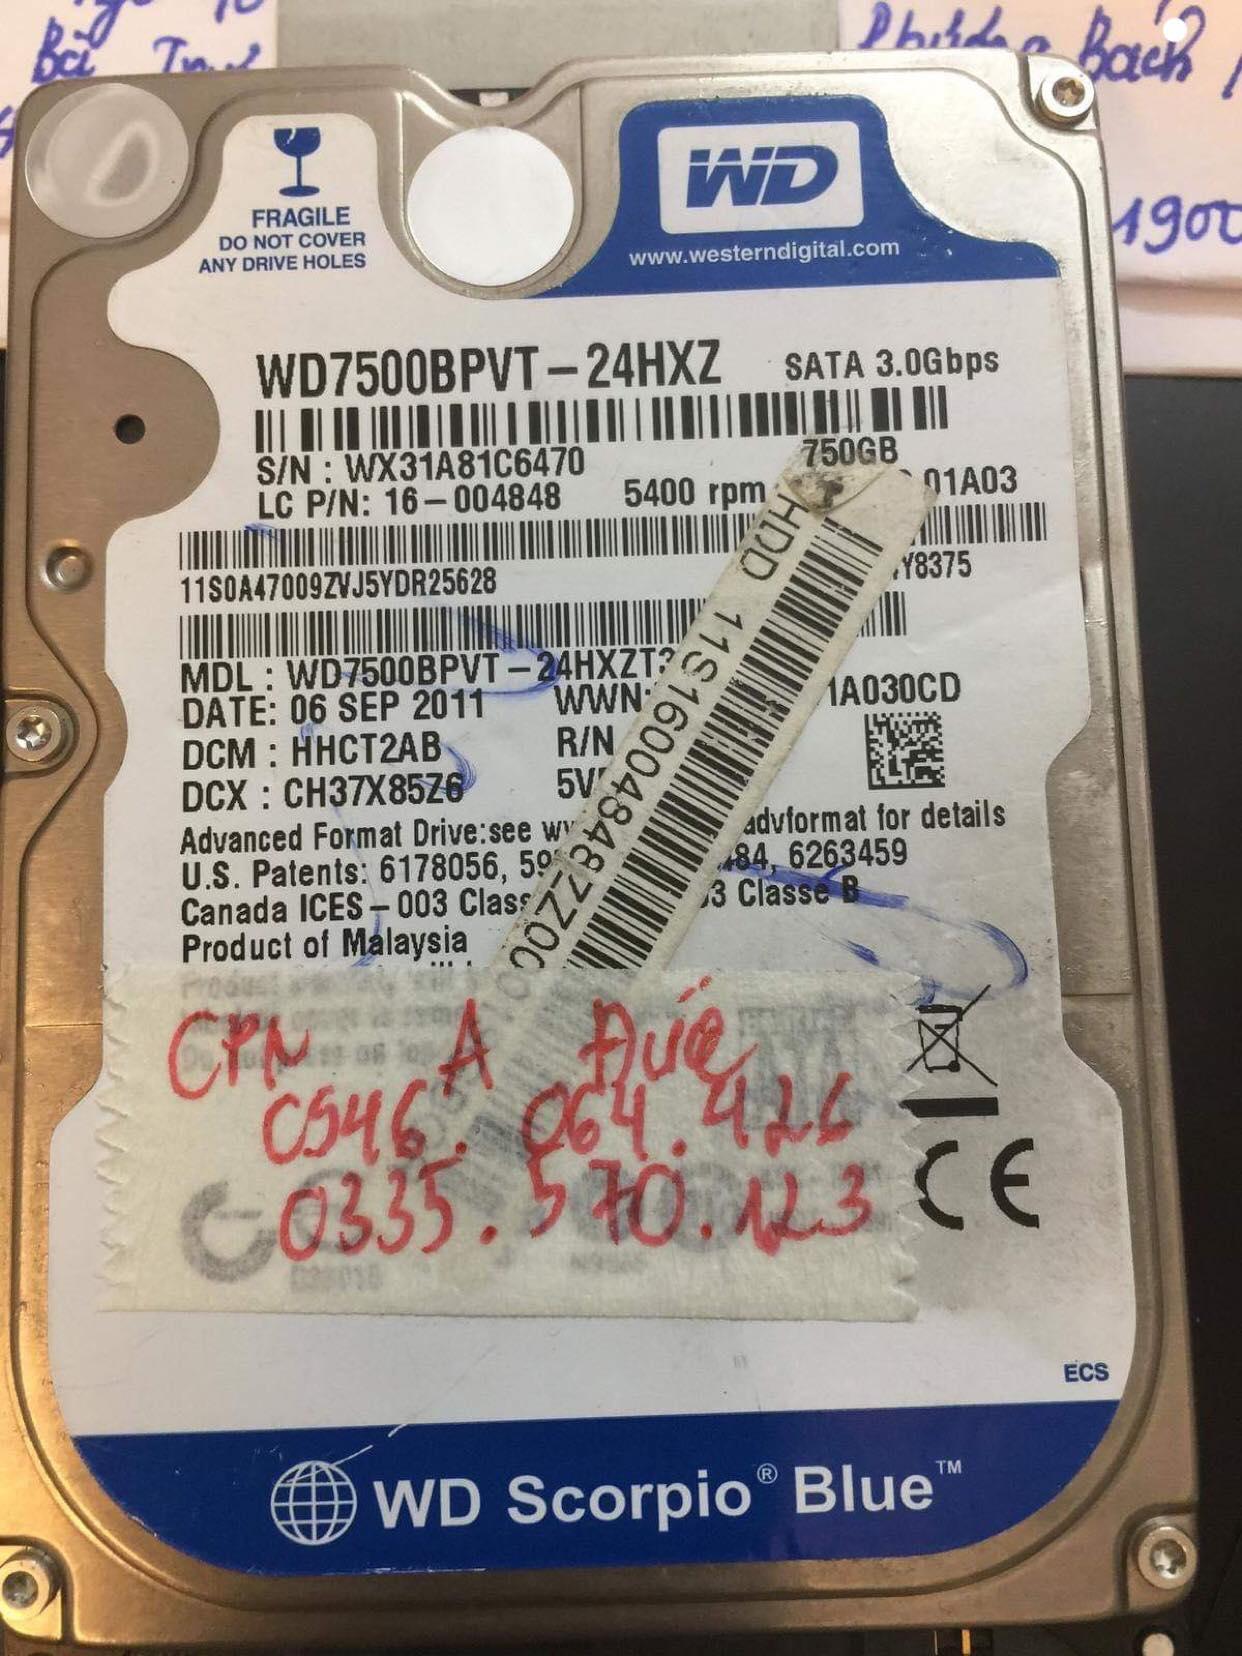 Phục hồi dữ liệu ổ cứng Western 750GB bad 18.12.2018 - cuumaytinh